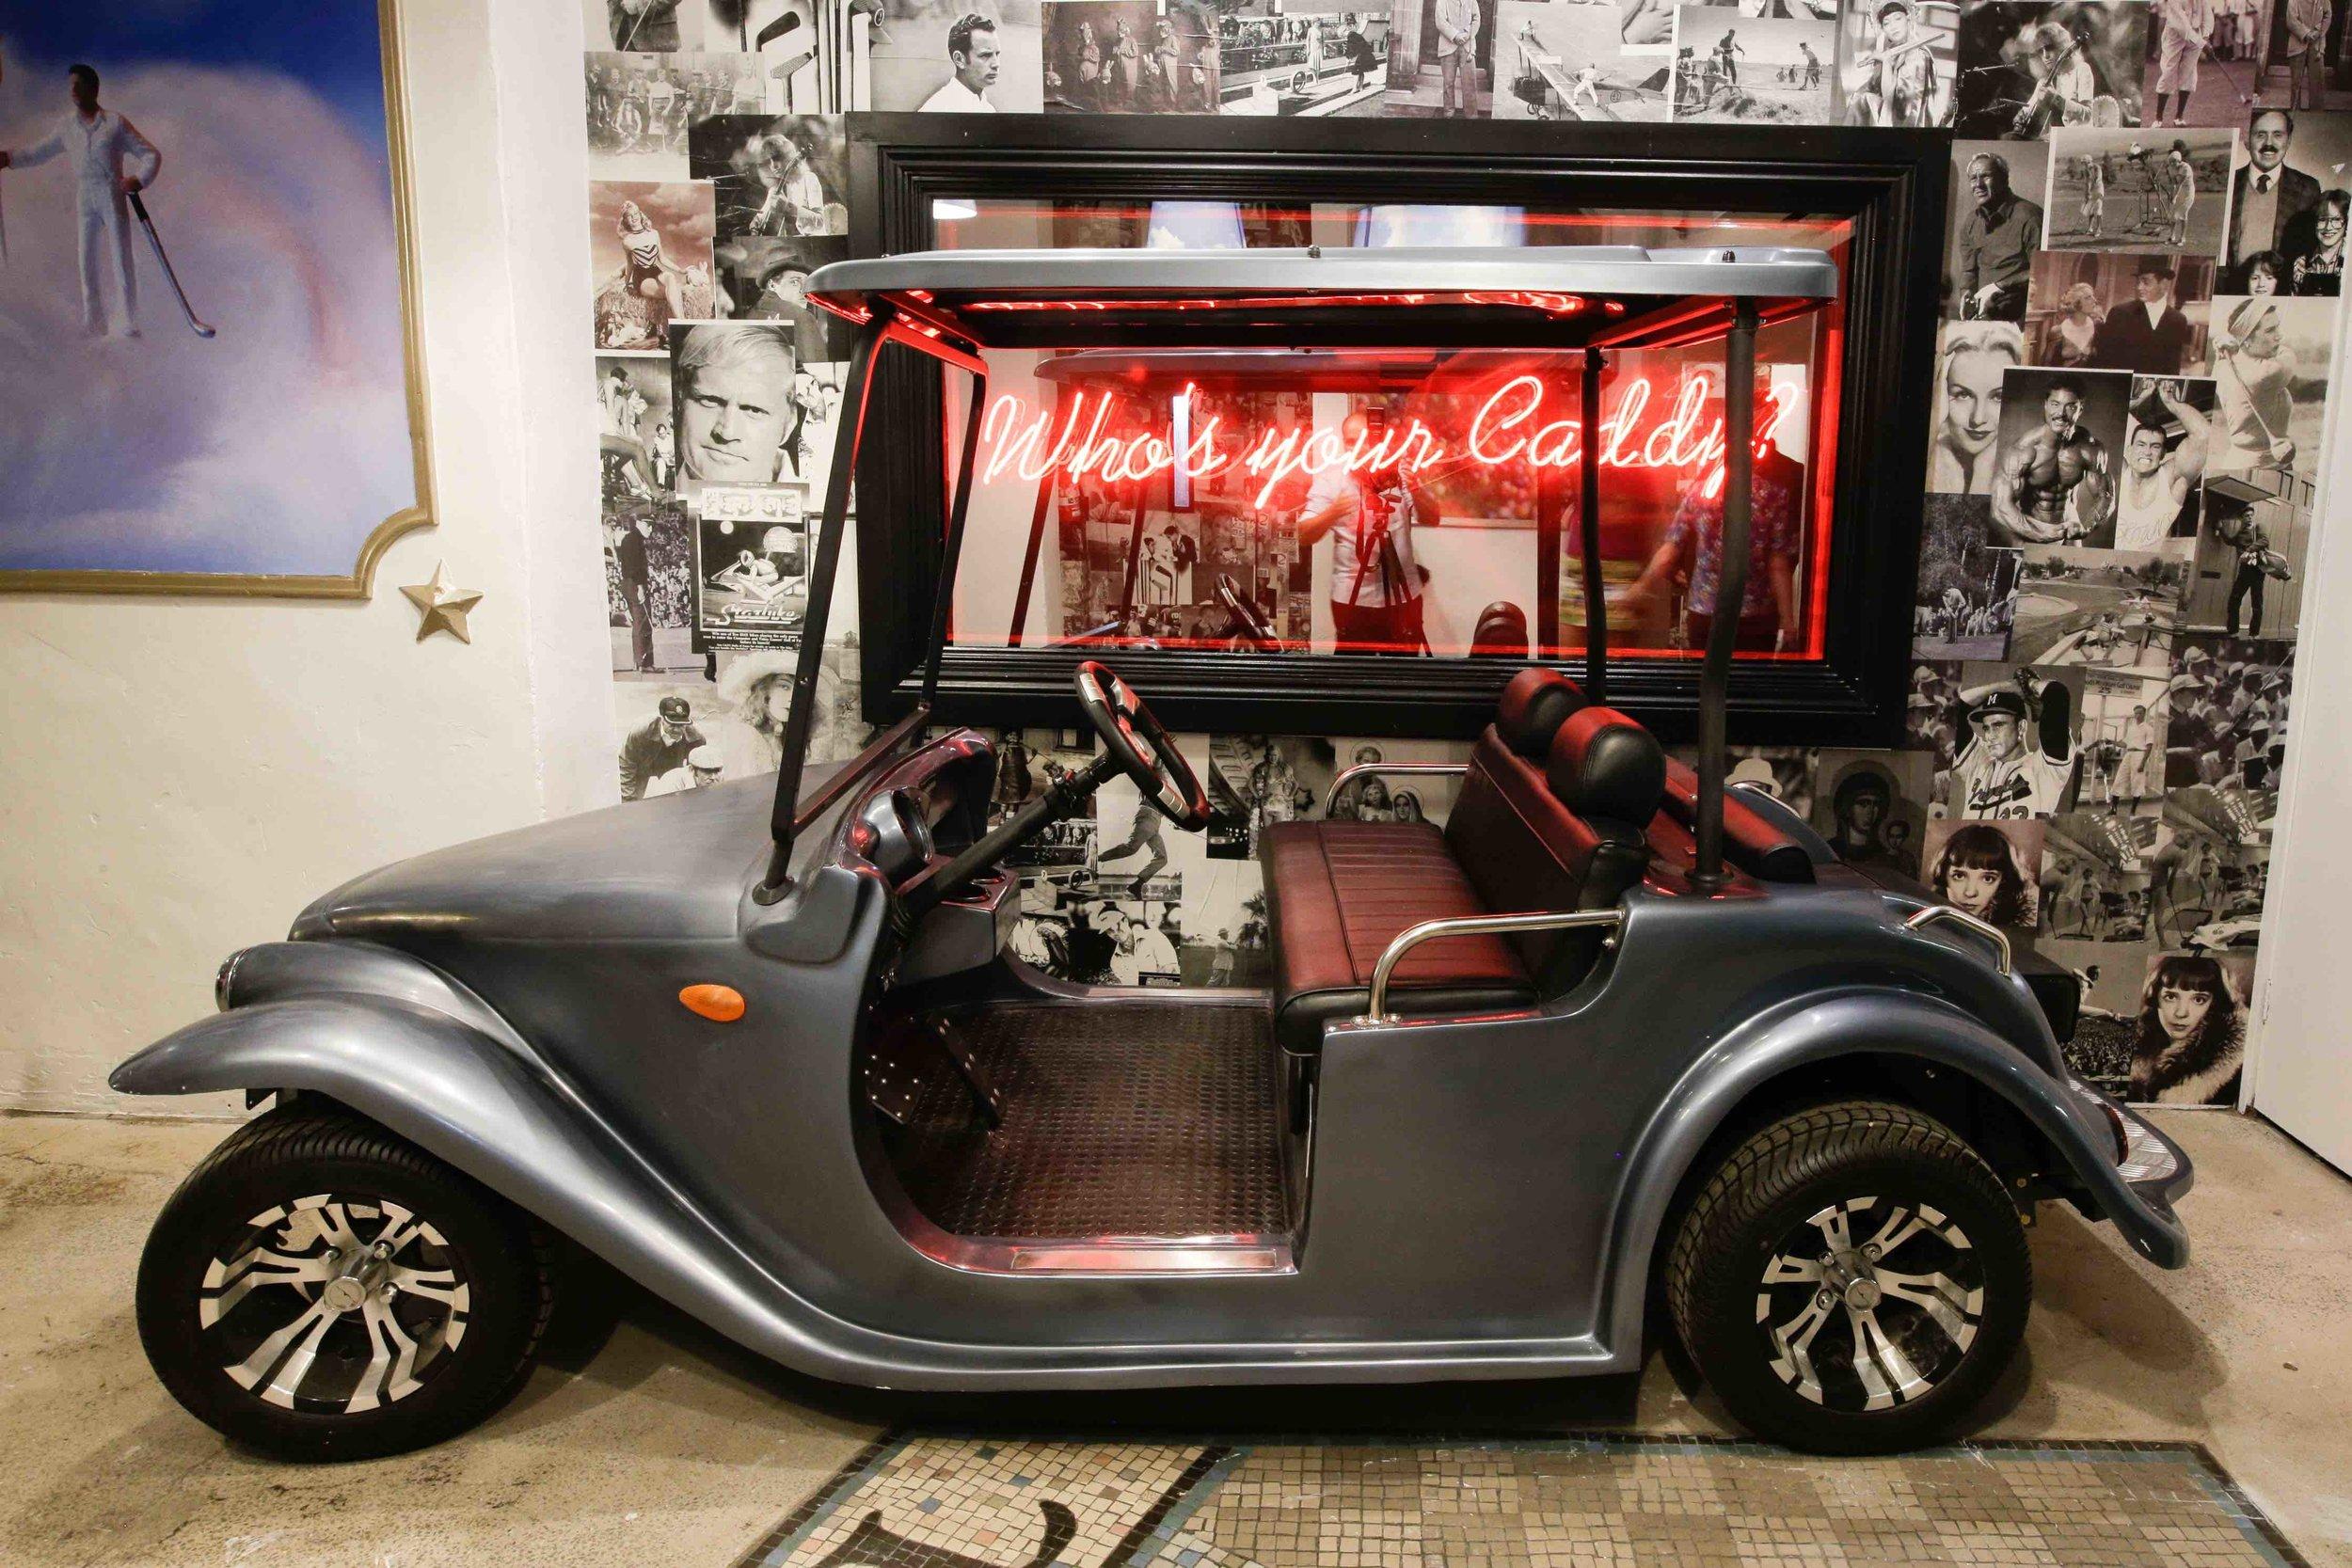 holey-moley-golf-club-launch-2017-interior-whos-your-caddy.jpeg